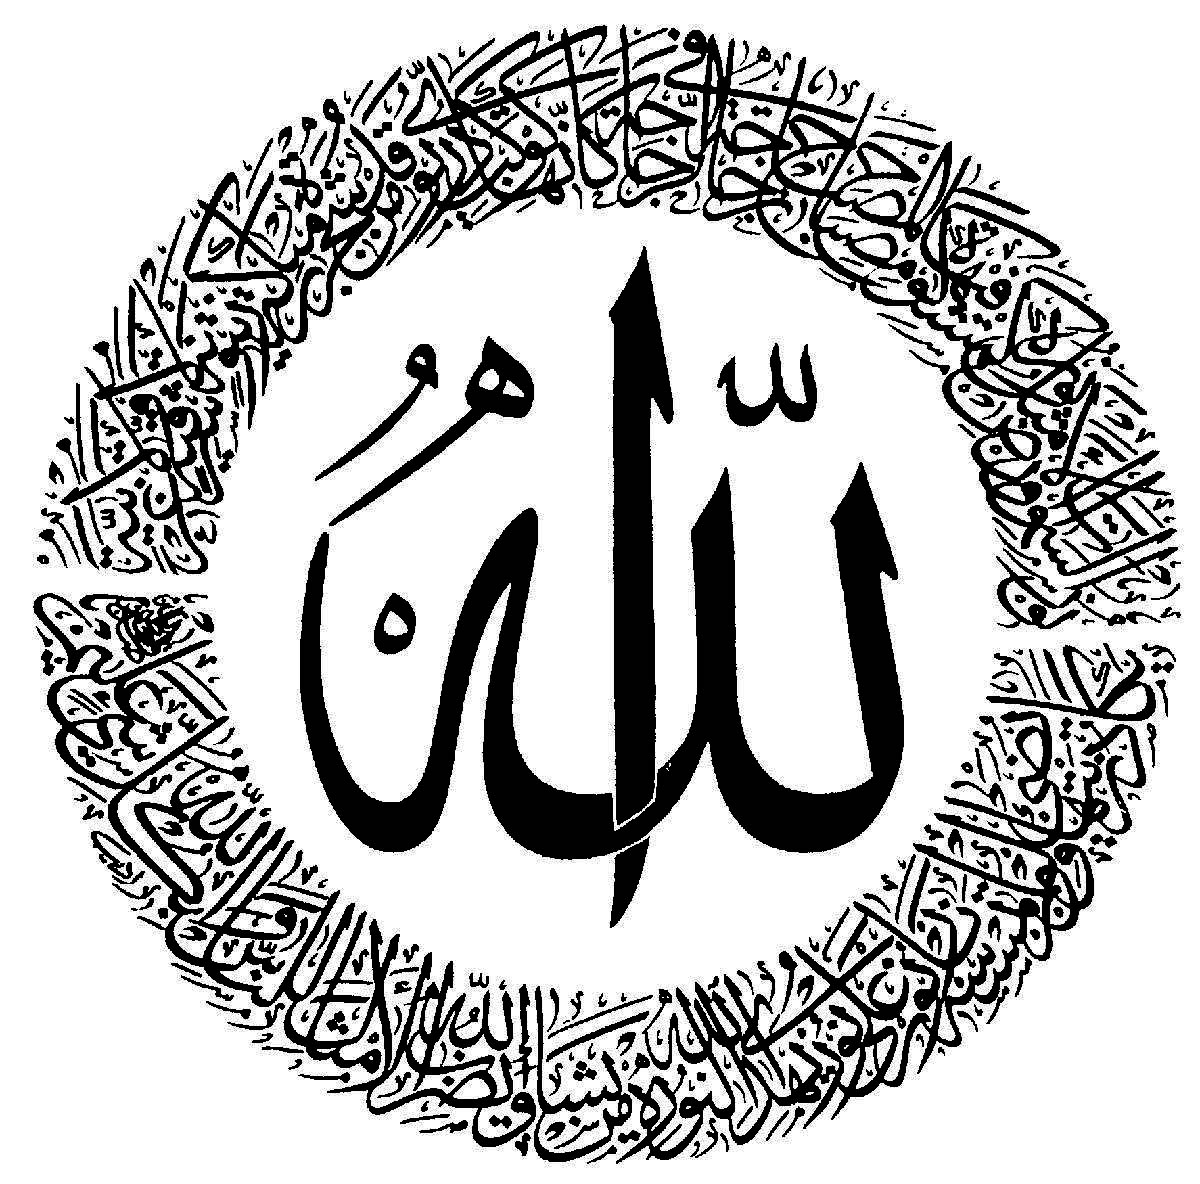 Tata Cara Berdoa Dengan Asmaul Husna Agar Doa Cepat Dikabulkan Allah SWT